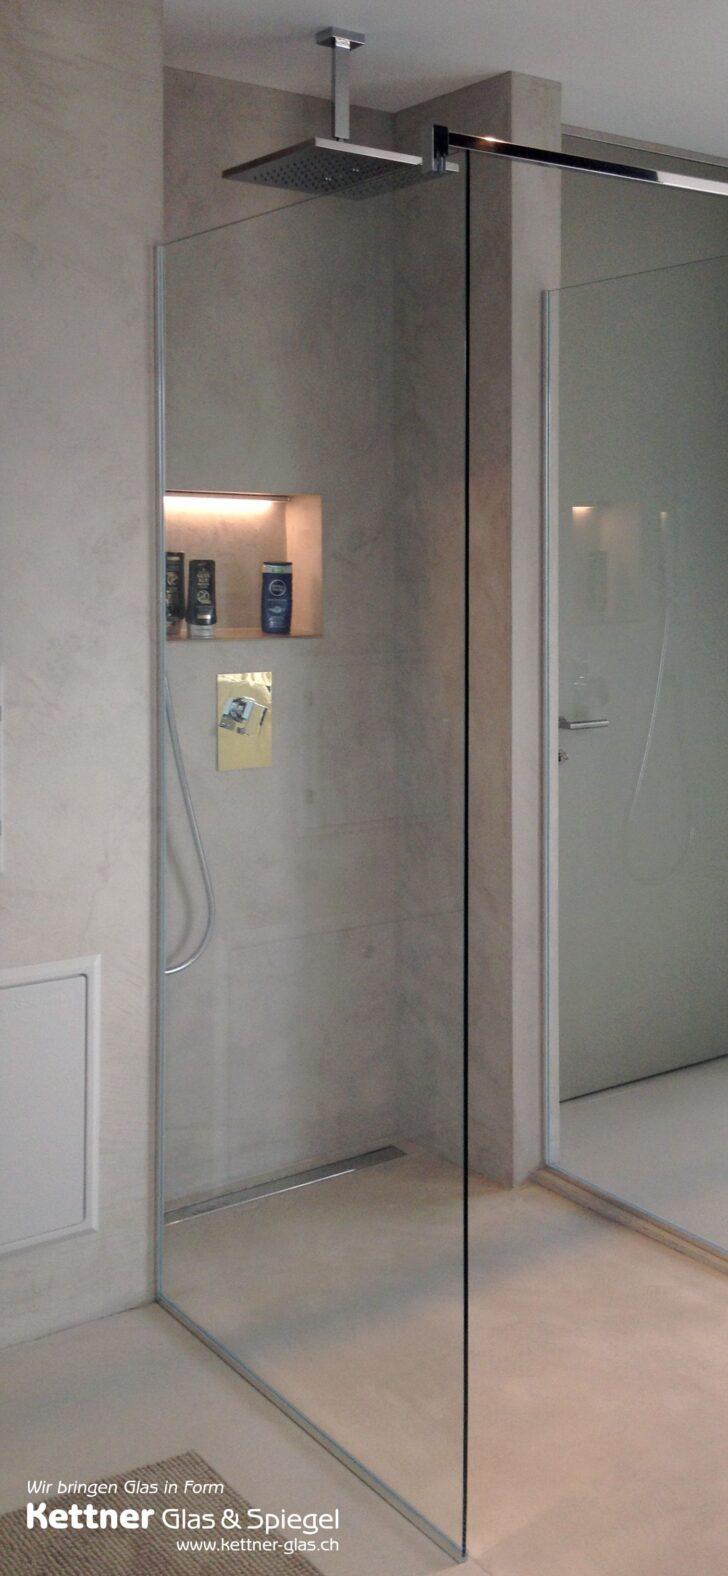 Medium Size of Glastrennwand Dusche Glasduschwand Mit Schlichter Moderne Duschen Unterputz Armatur Eckeinstieg Schiebetür Sprinz Begehbare Fliesen Glasabtrennung Badewanne Dusche Glastrennwand Dusche